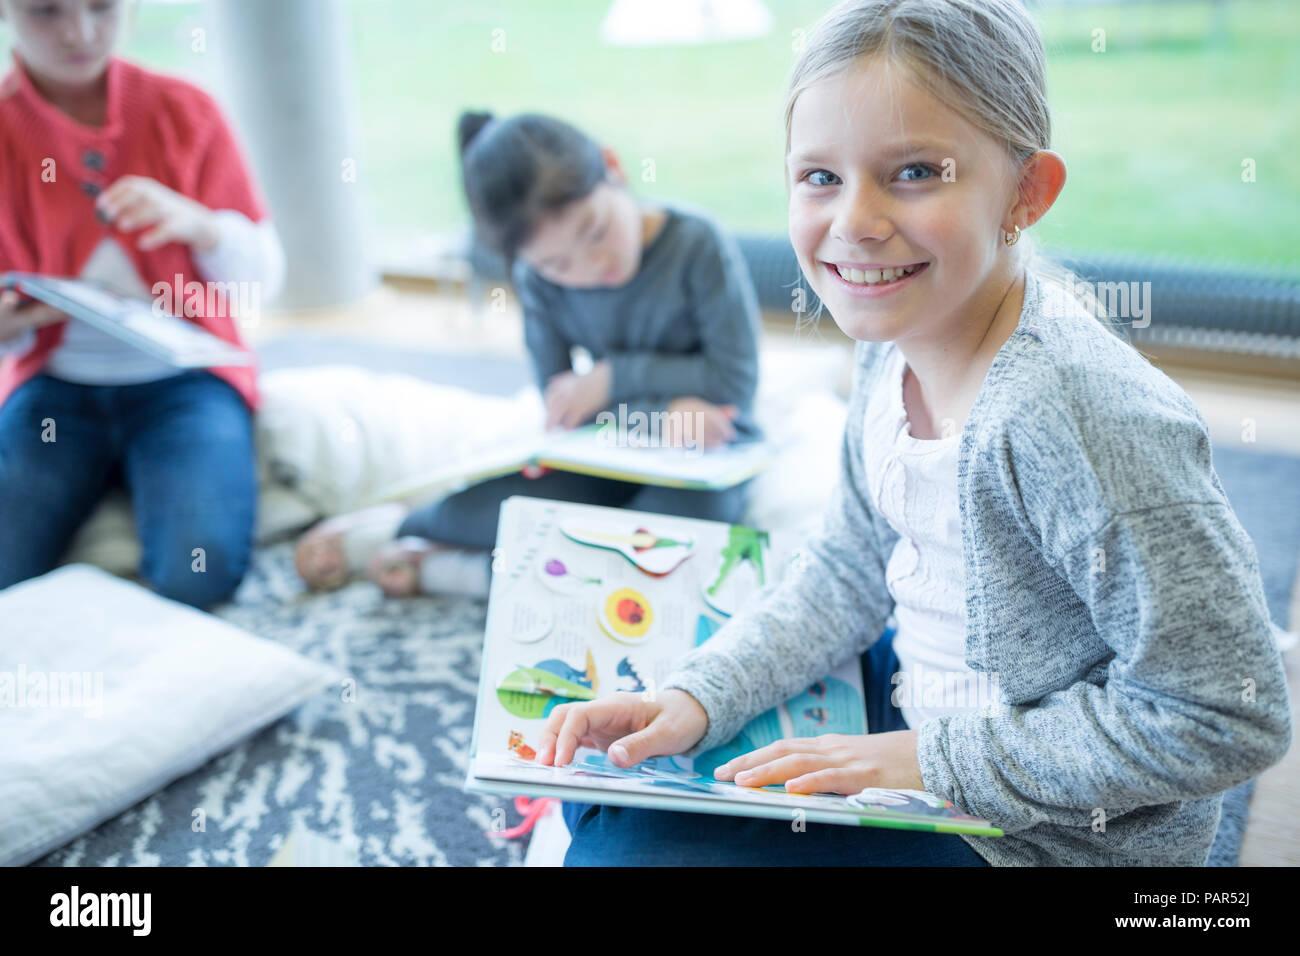 Portrait of smiling schoolgirl sitting on the floor with book in school break room - Stock Image